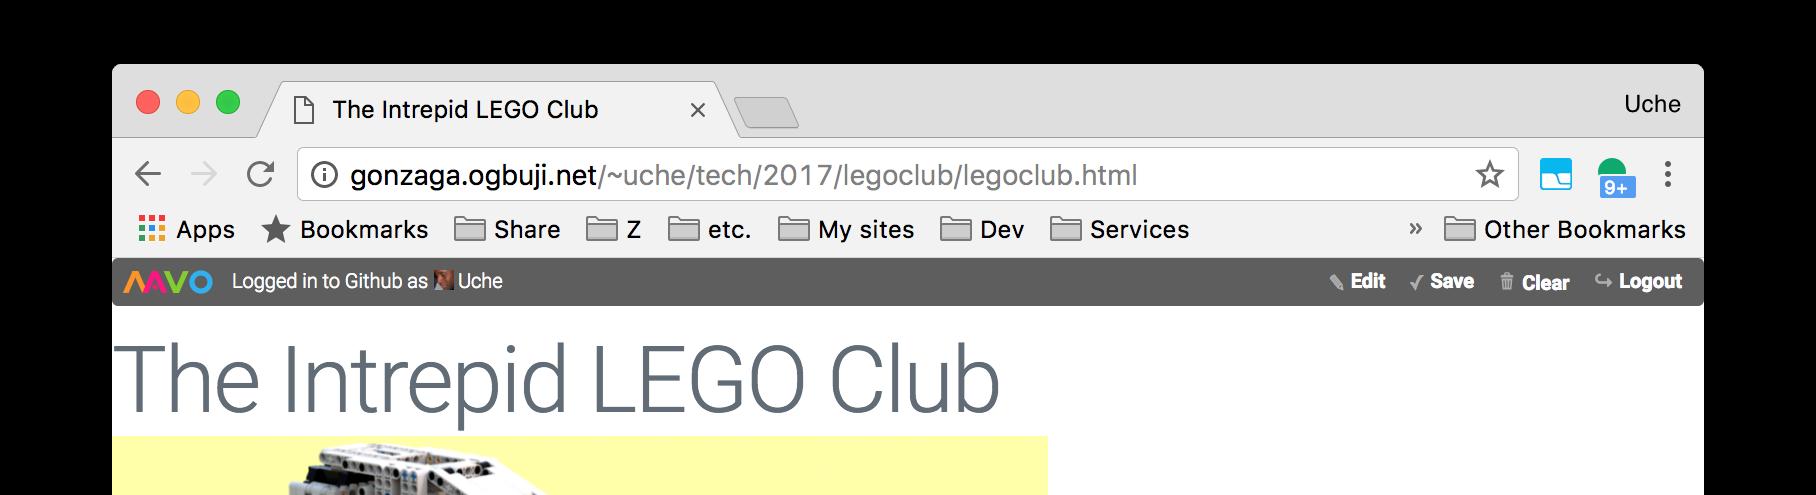 Mavo bar after GitHub login